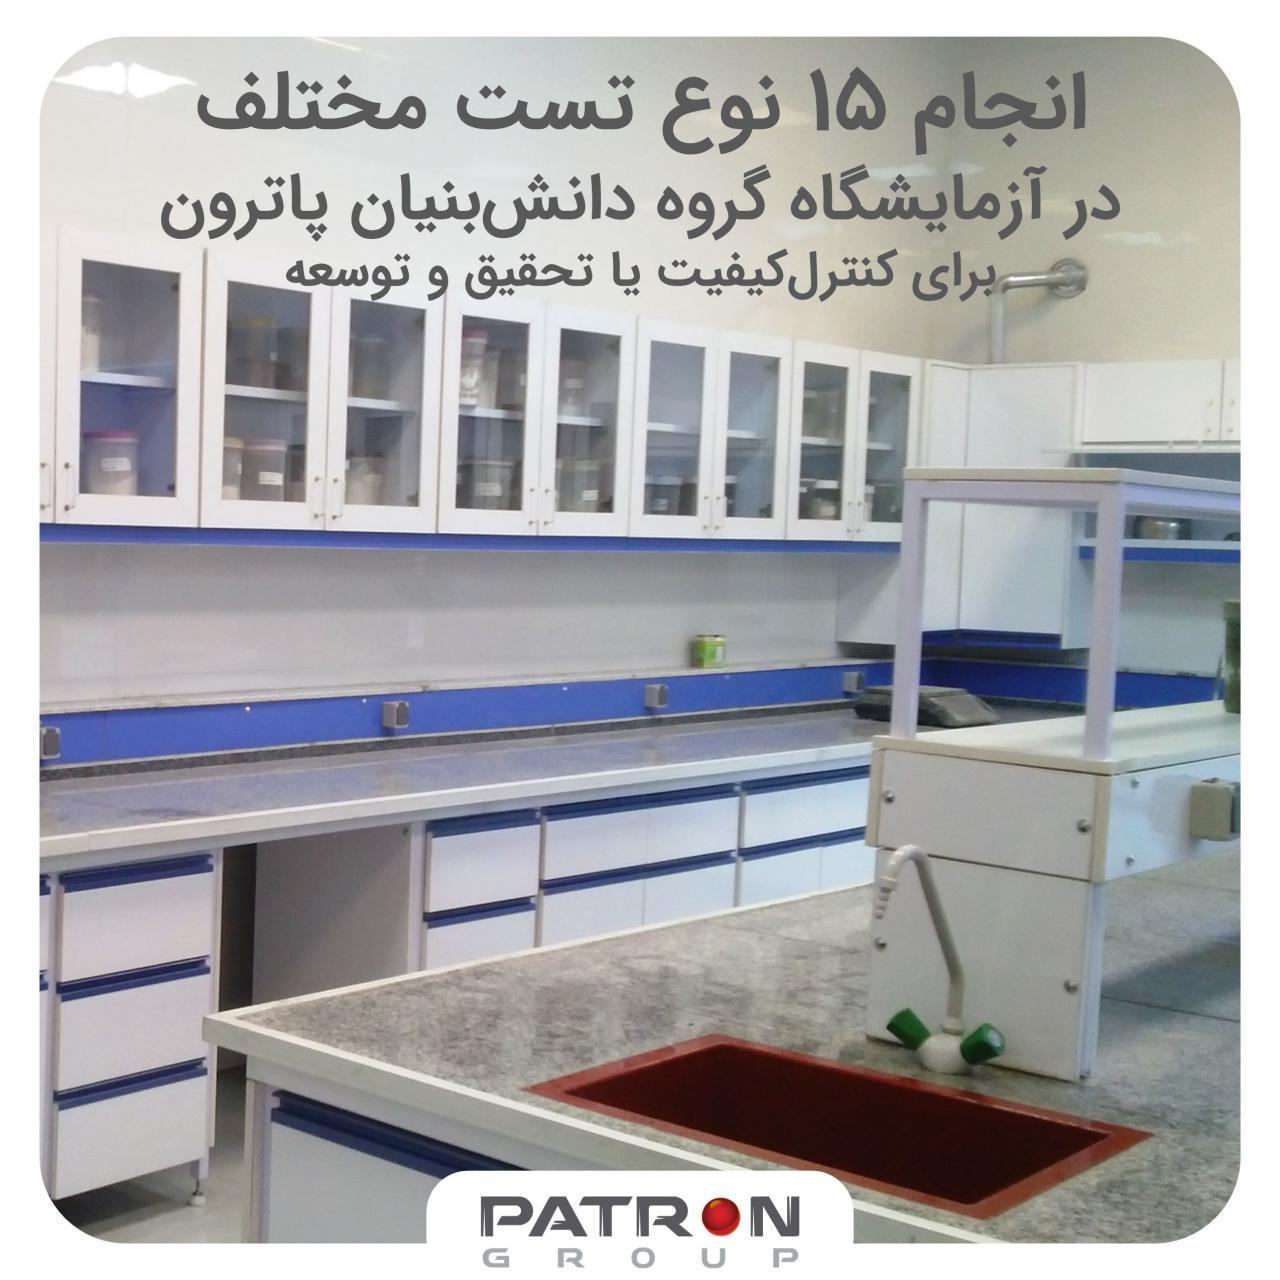 انجام 15 تست در آزمایشگاه پاترون